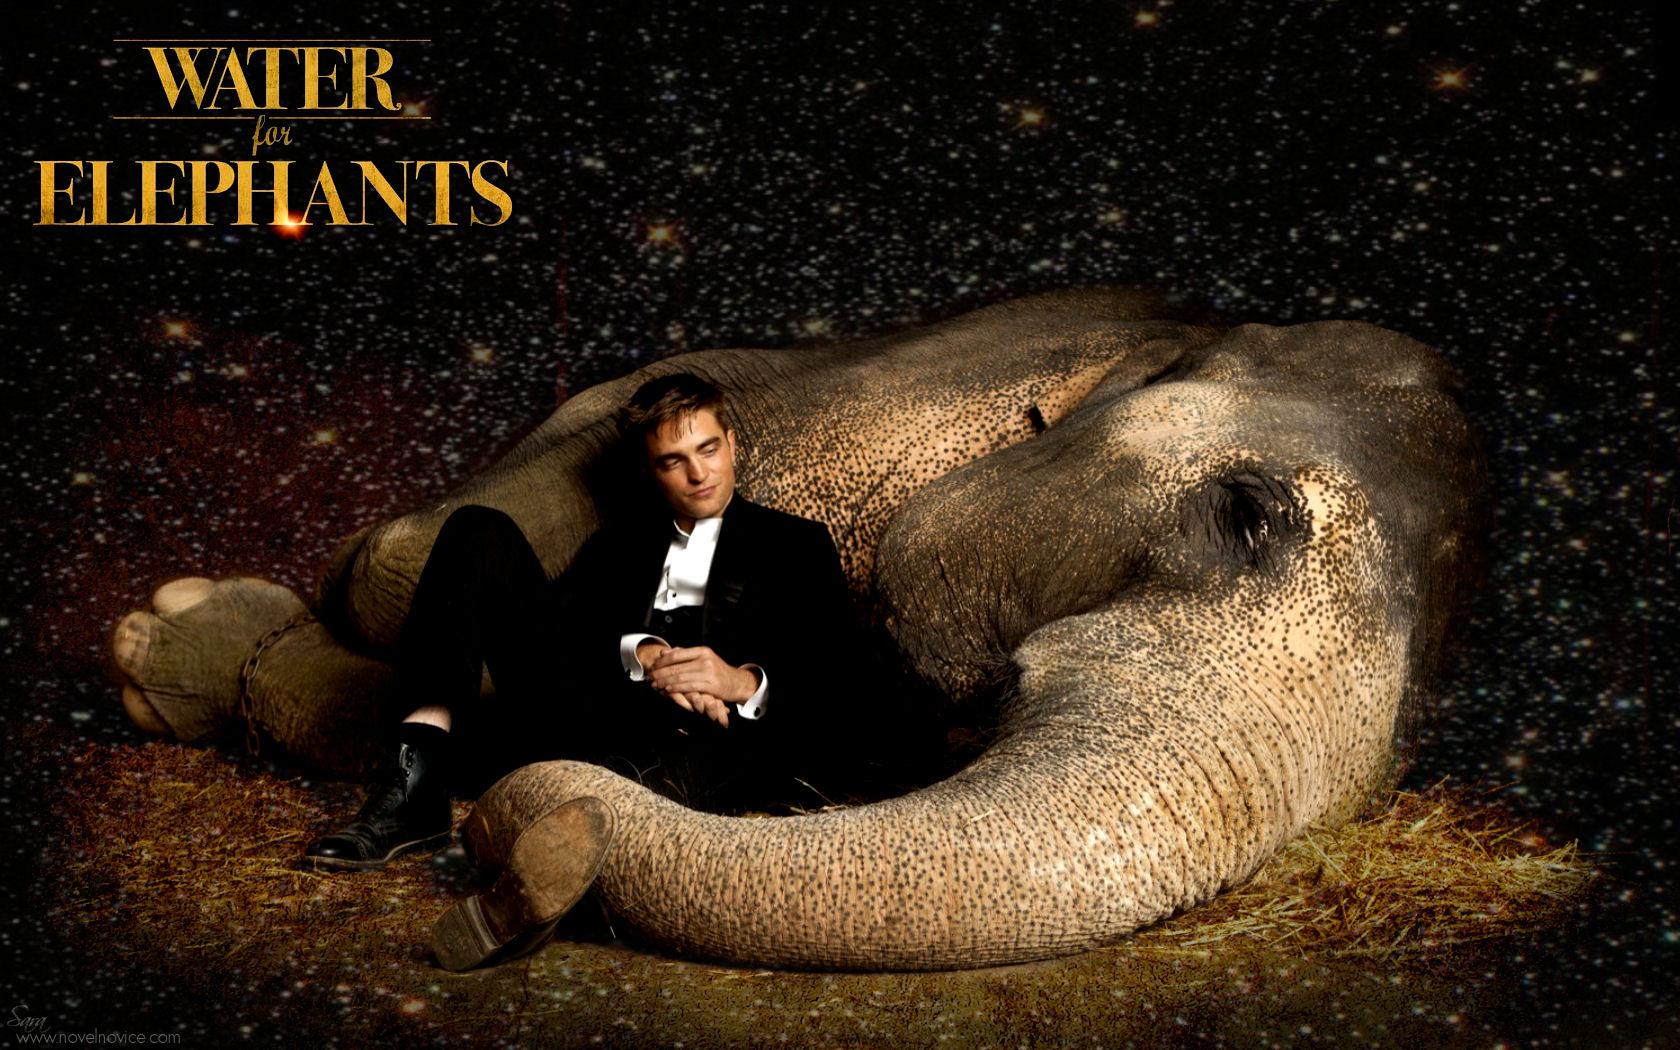 Water for Elephants – Exclusive New Desktop Wallpapers | Novel Novice